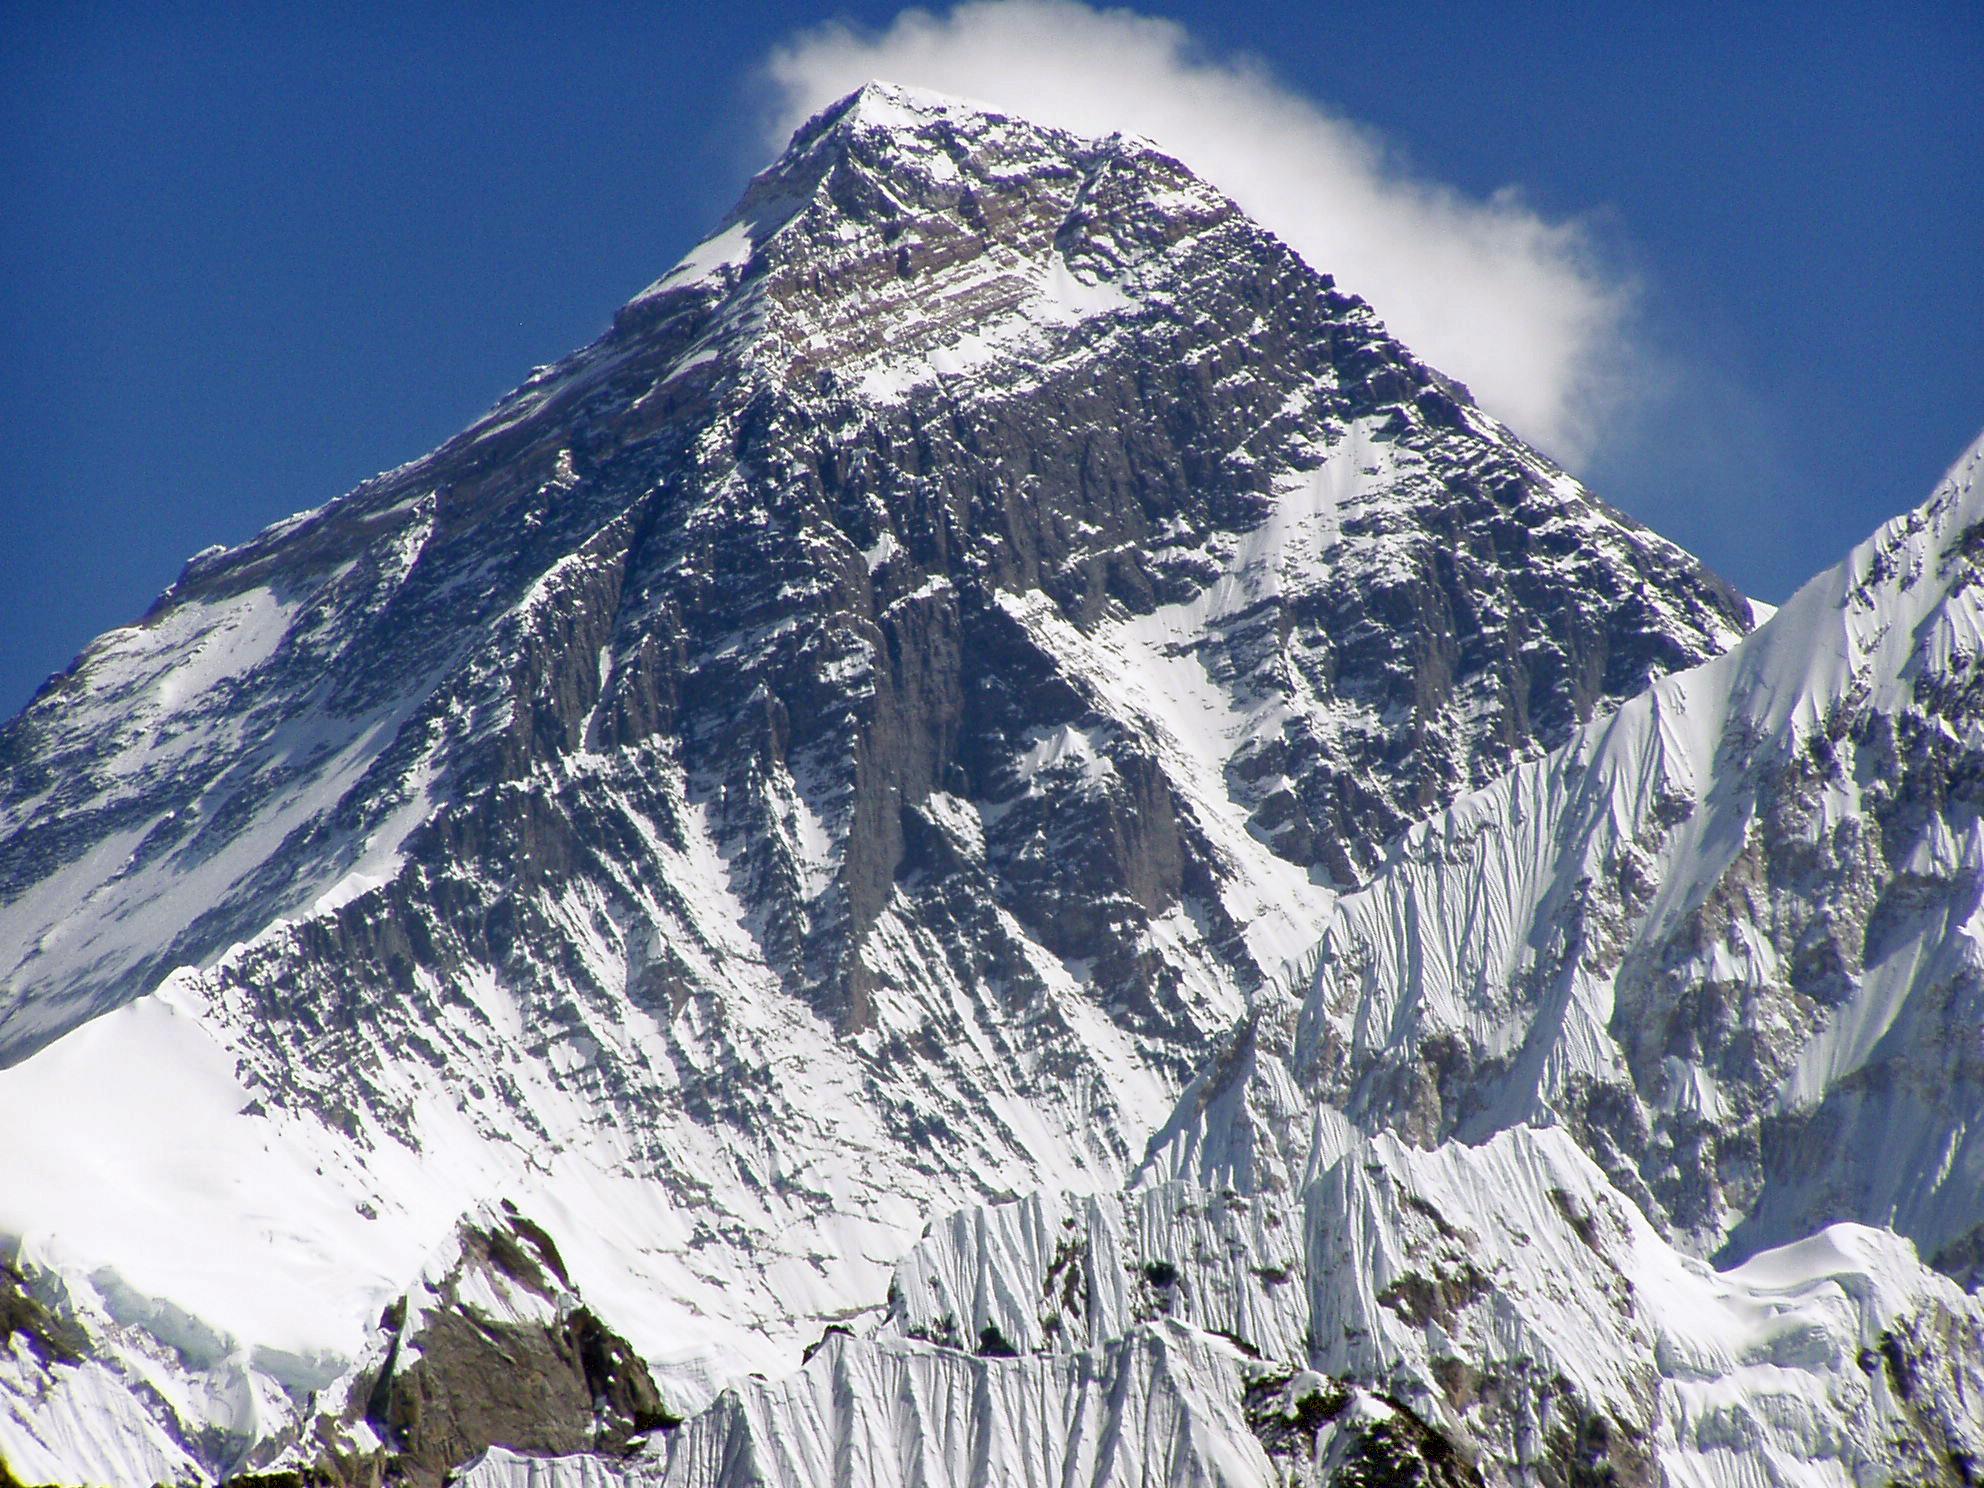 эверест2 (2).jpg